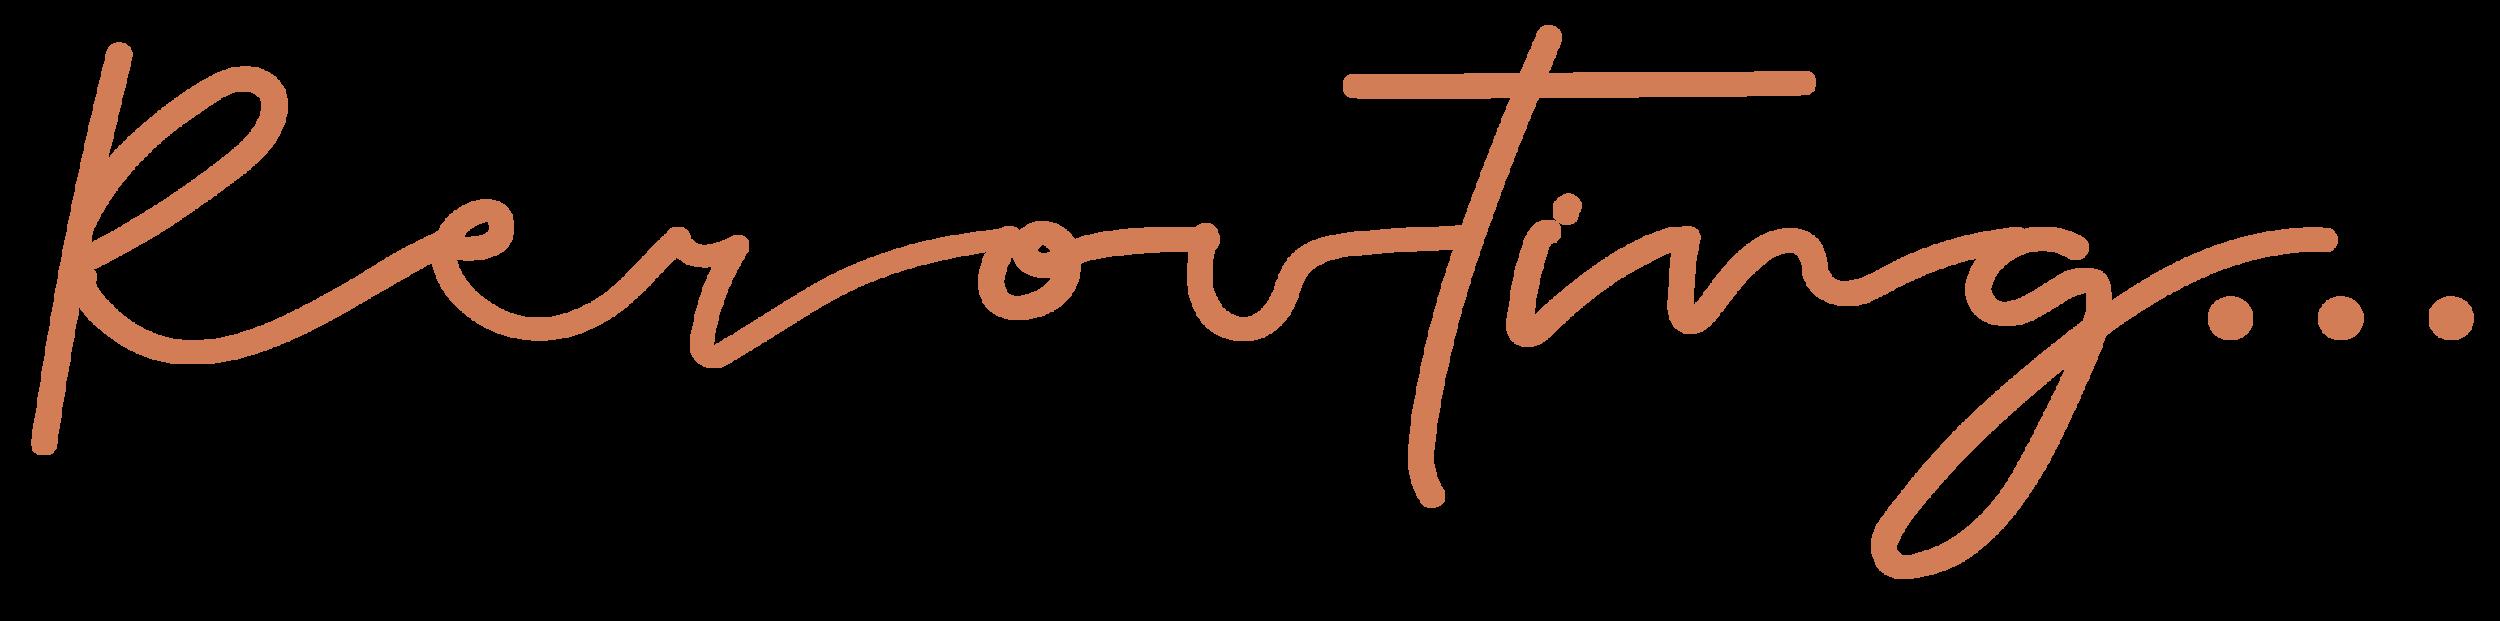 Rerouting Logo (MUSTARD - c89720).png